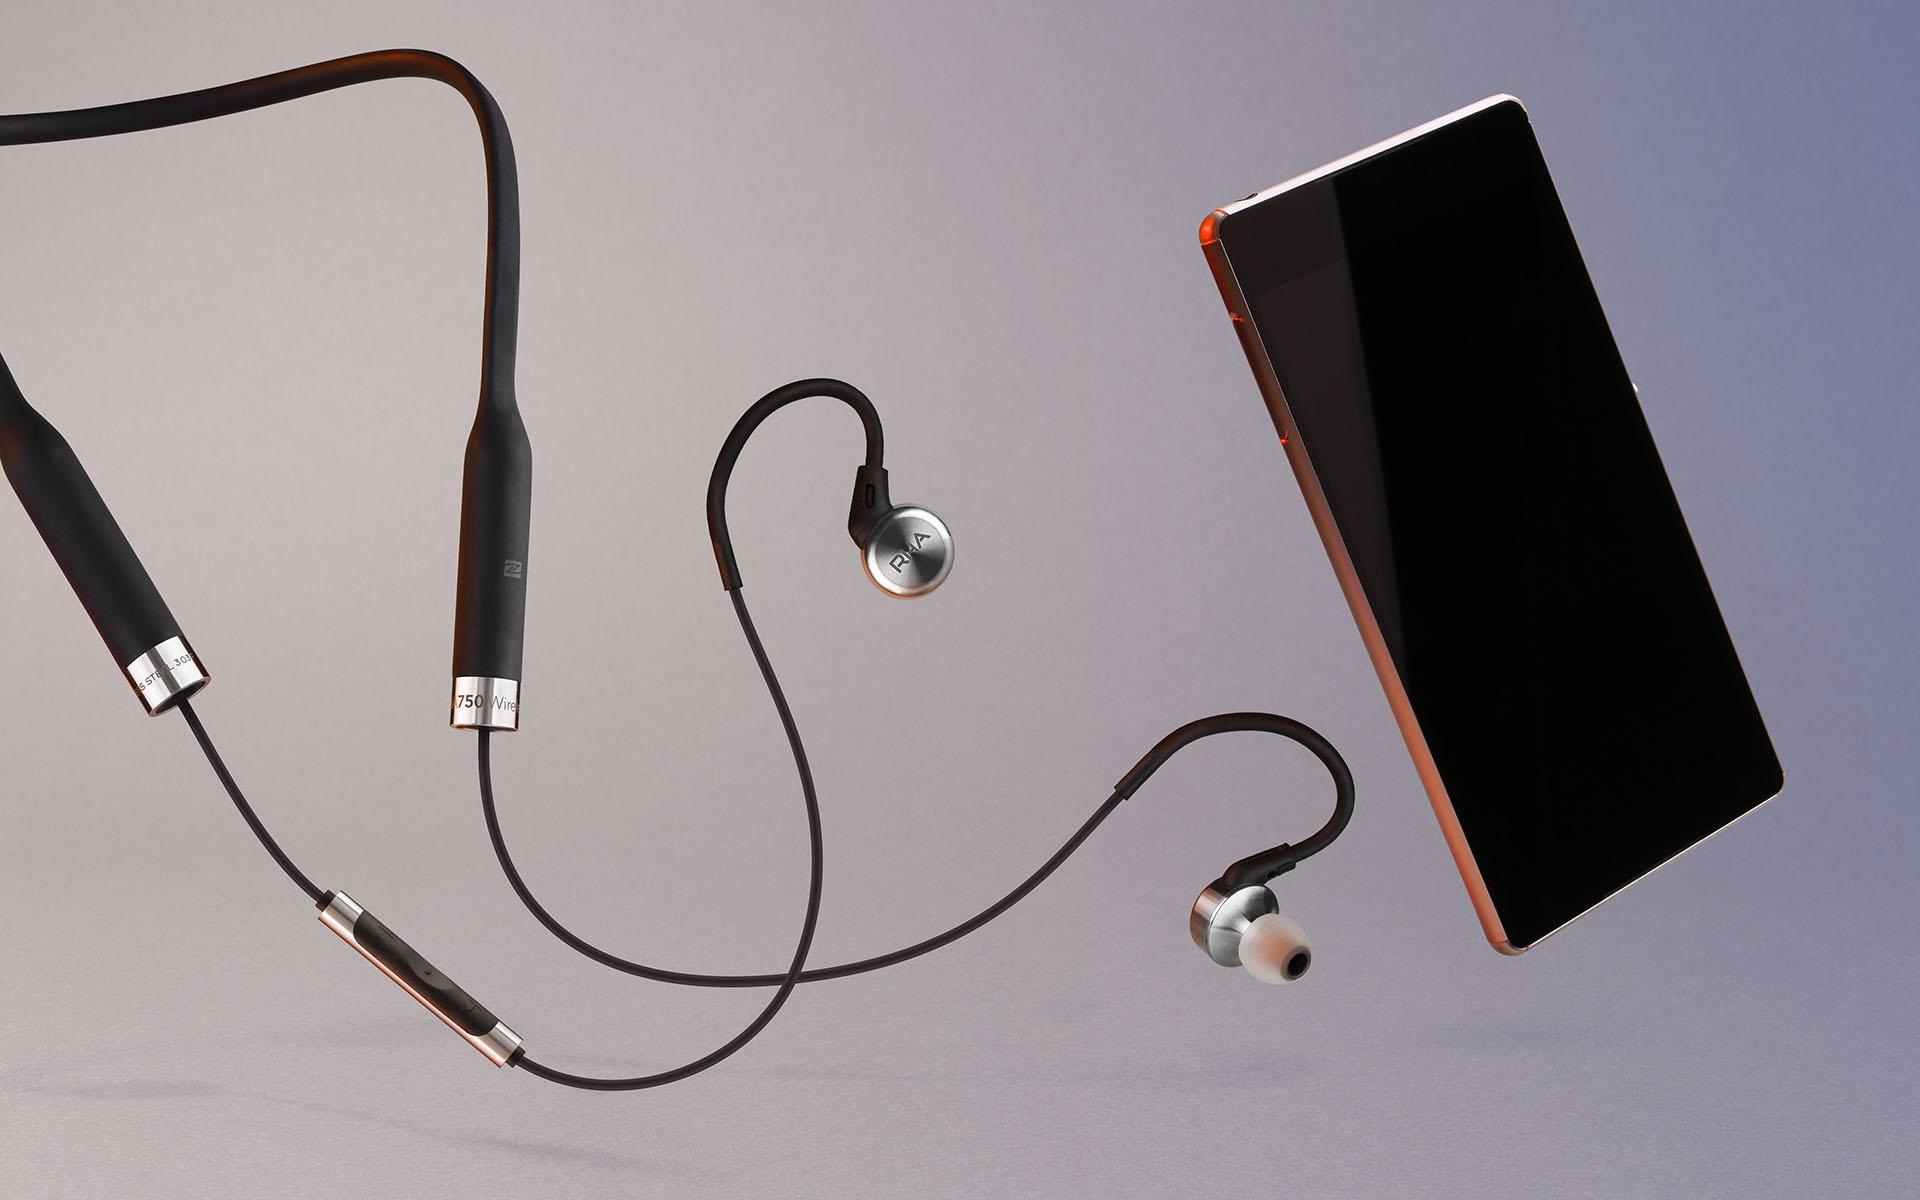 Беспроводные внутриканальные наушники RHA MA750 Wireless